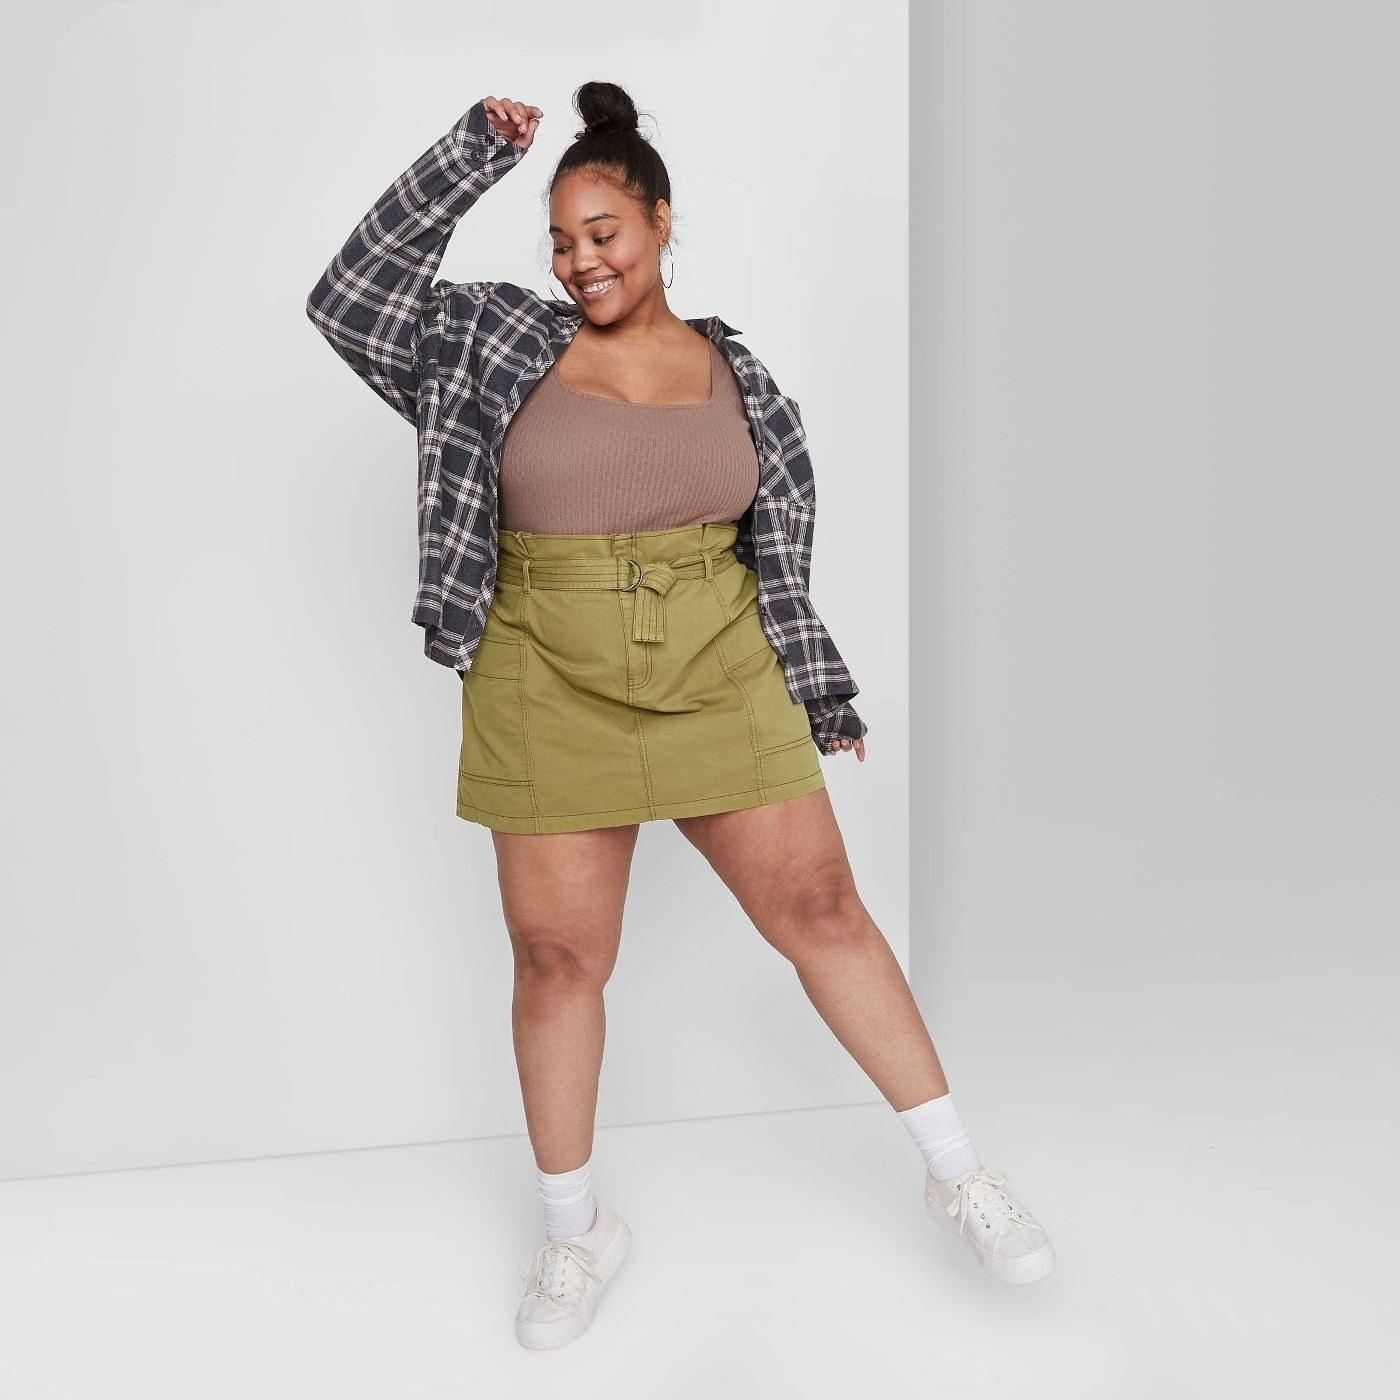 Model wearing olive green skirt